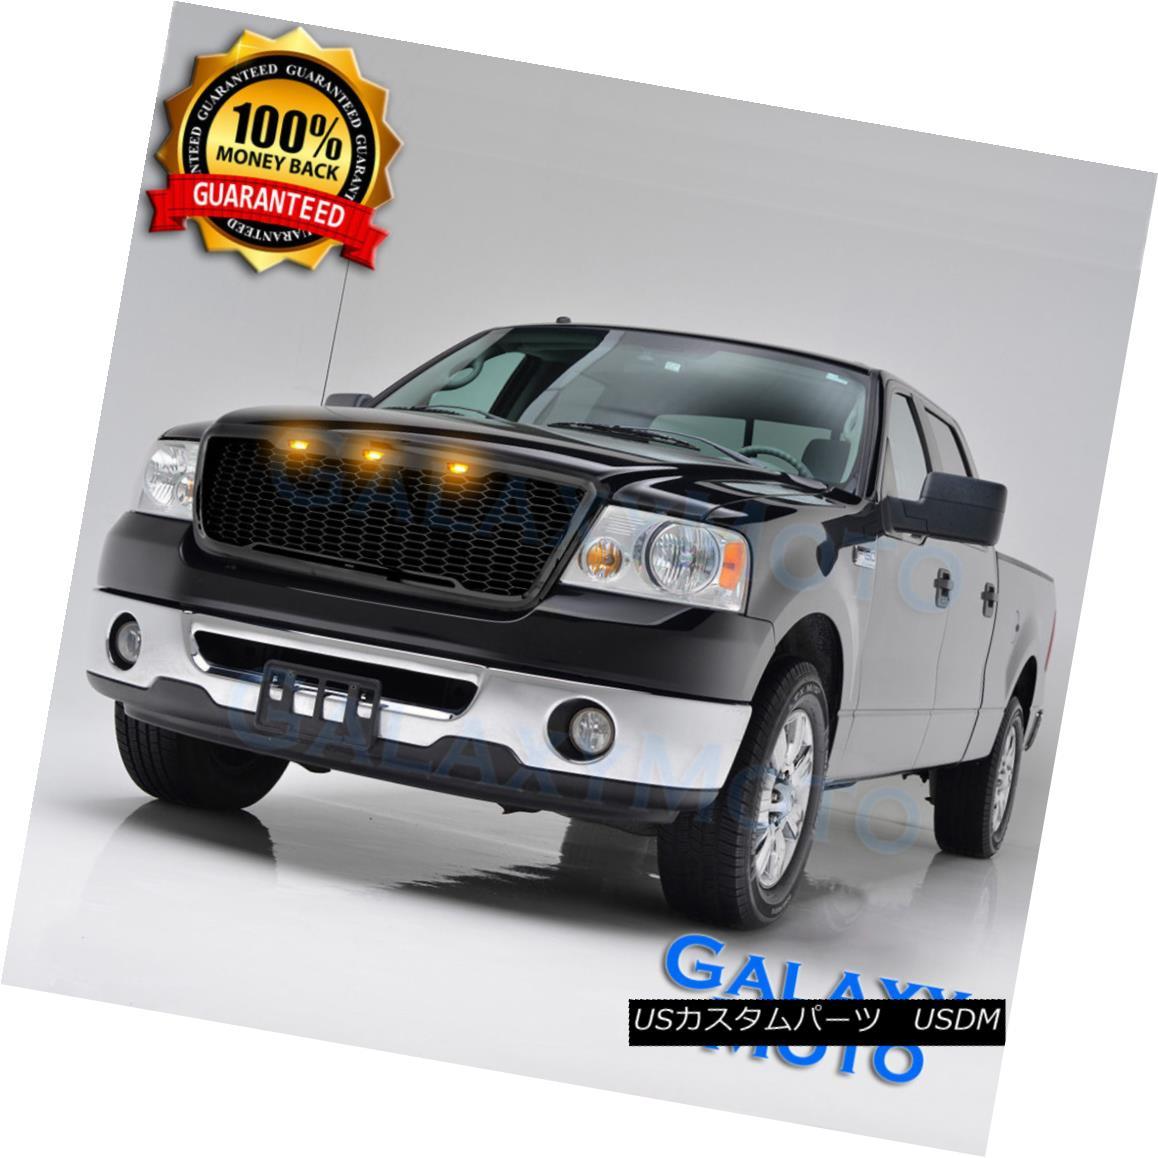 グリル 04-08 Ford F150 Raptor Style Gloss Black Package Mesh Grille+Shell+Amber 3x LED 04-08 Ford F150ラプタースタイルグロスブラックパッケージメッシュグリル+シェル+ A mber 3x LED